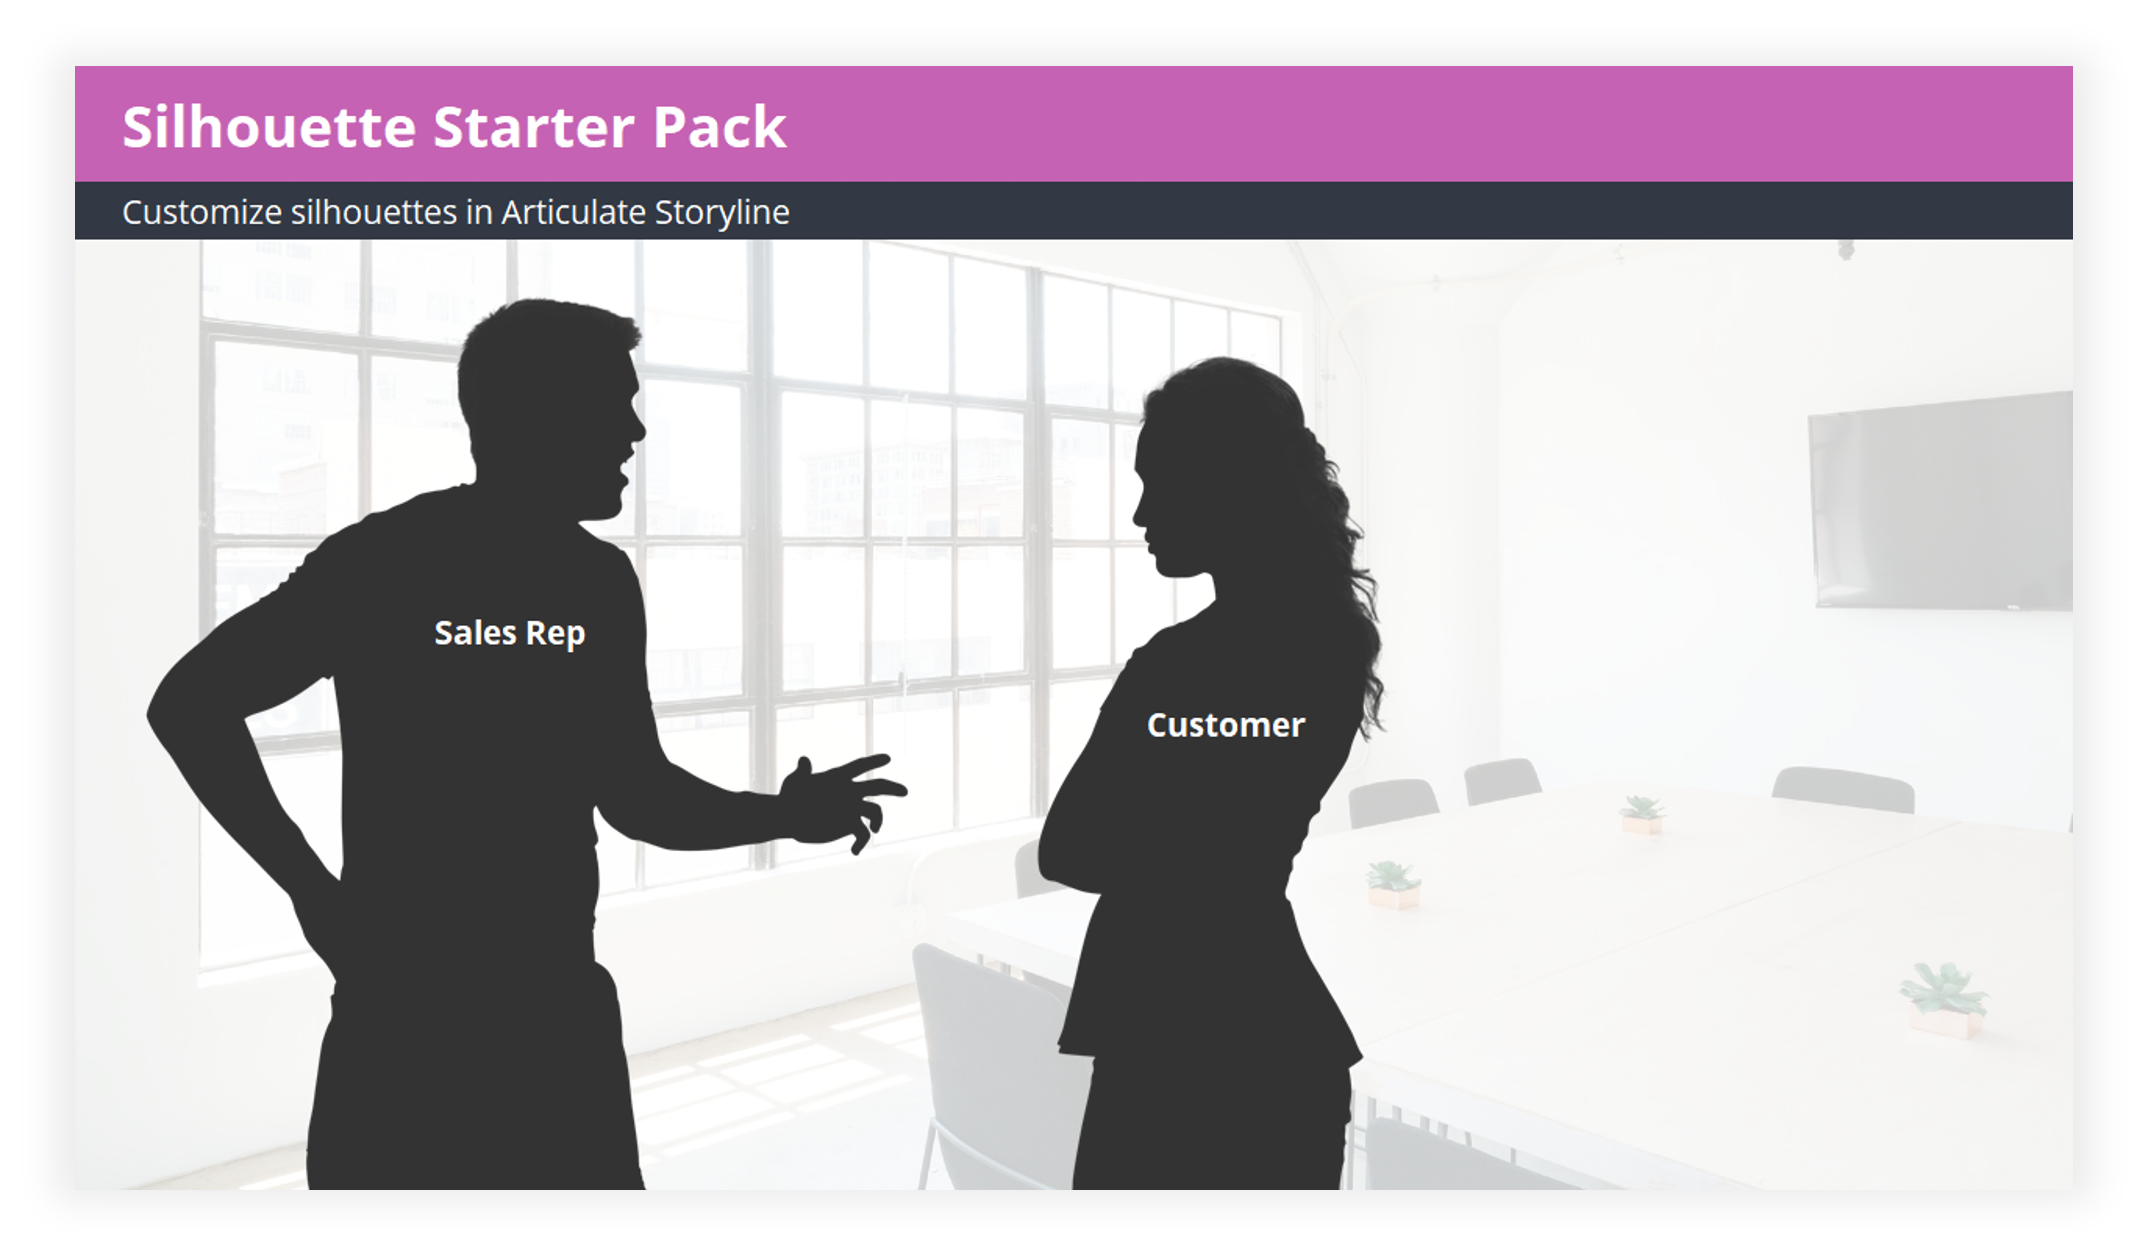 Silhouette Starter Pack